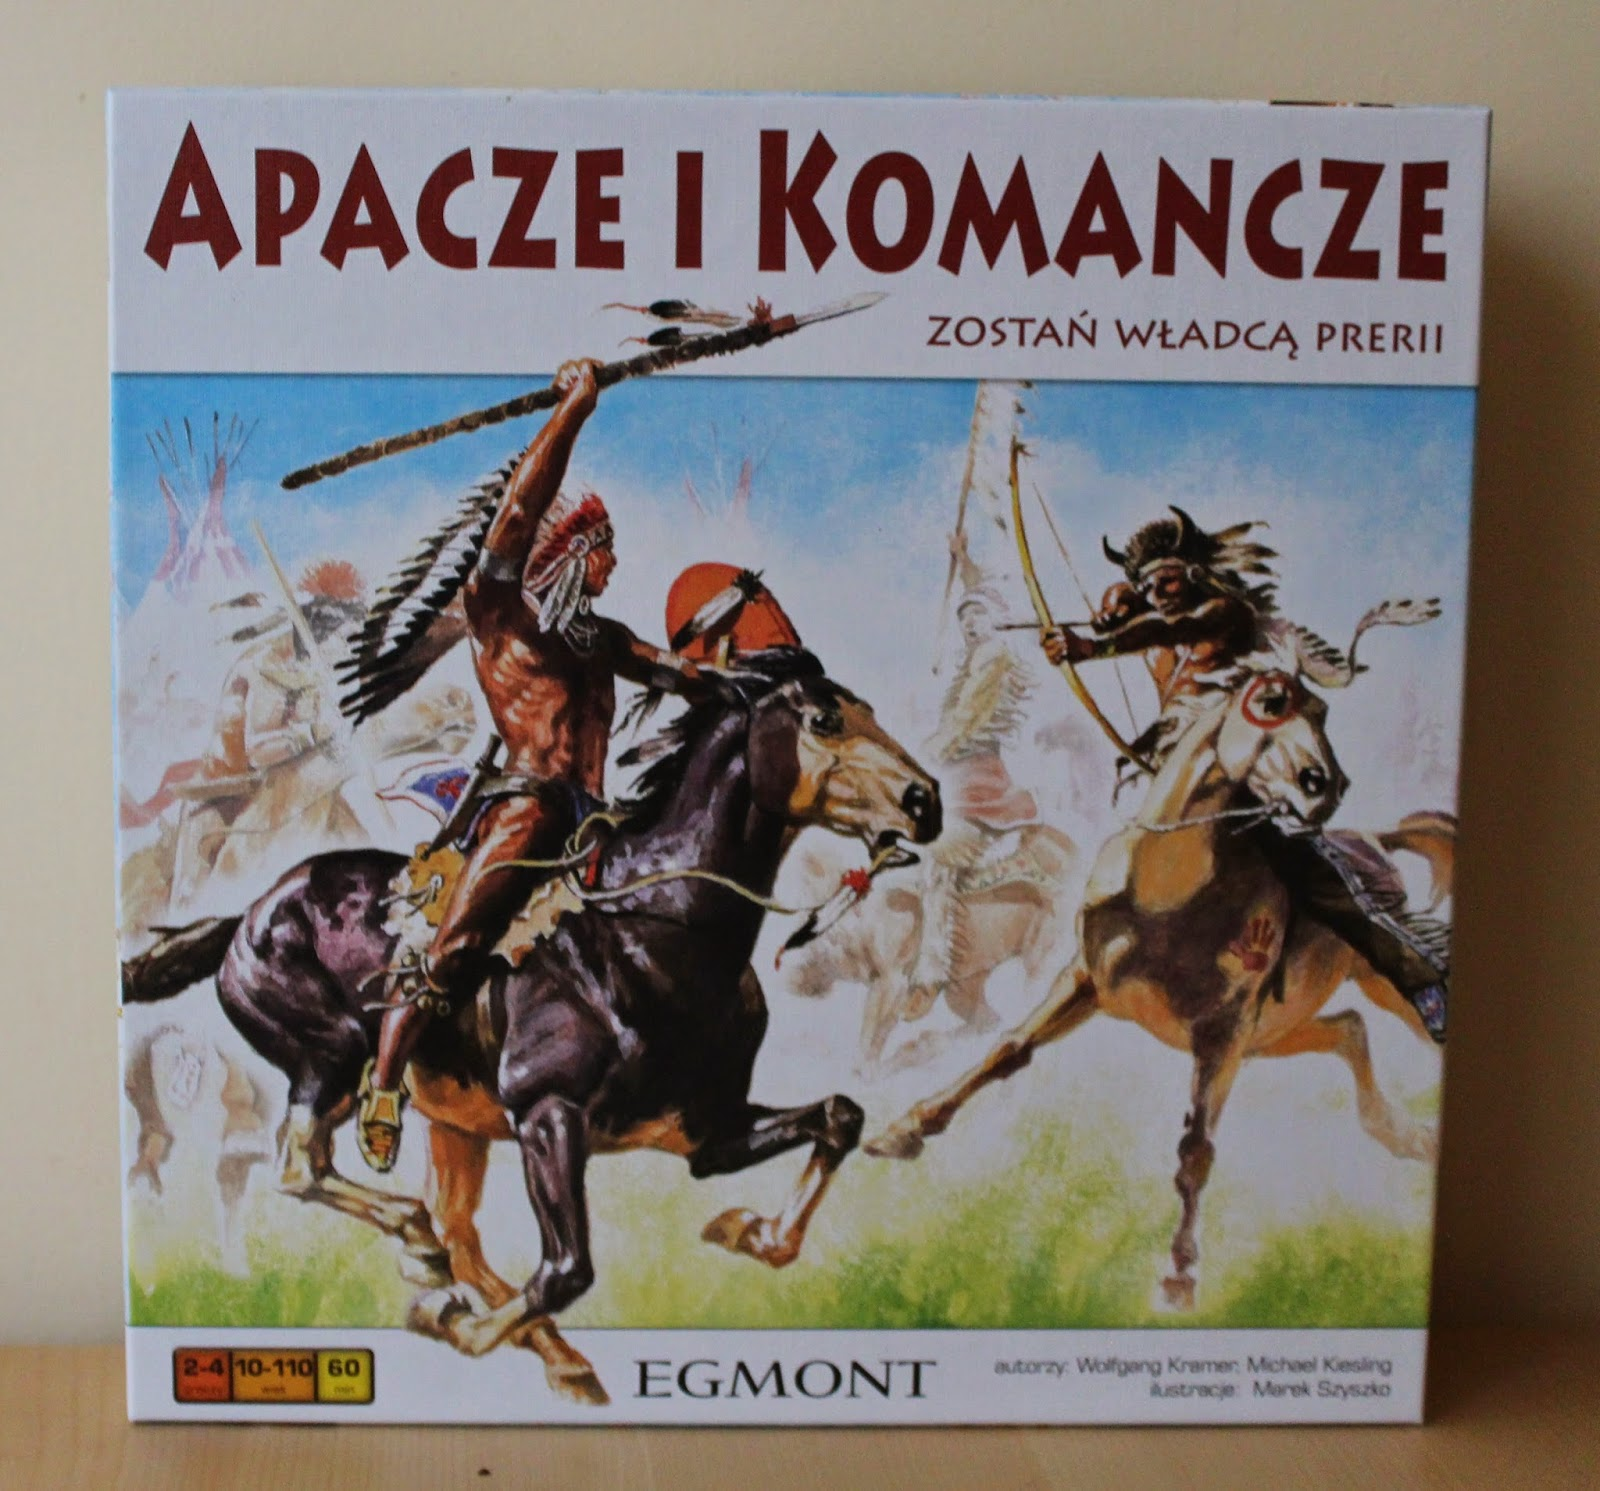 http://www.kacikzksiazka.pl/2014/11/apacze-i-komancze-recenzja.html